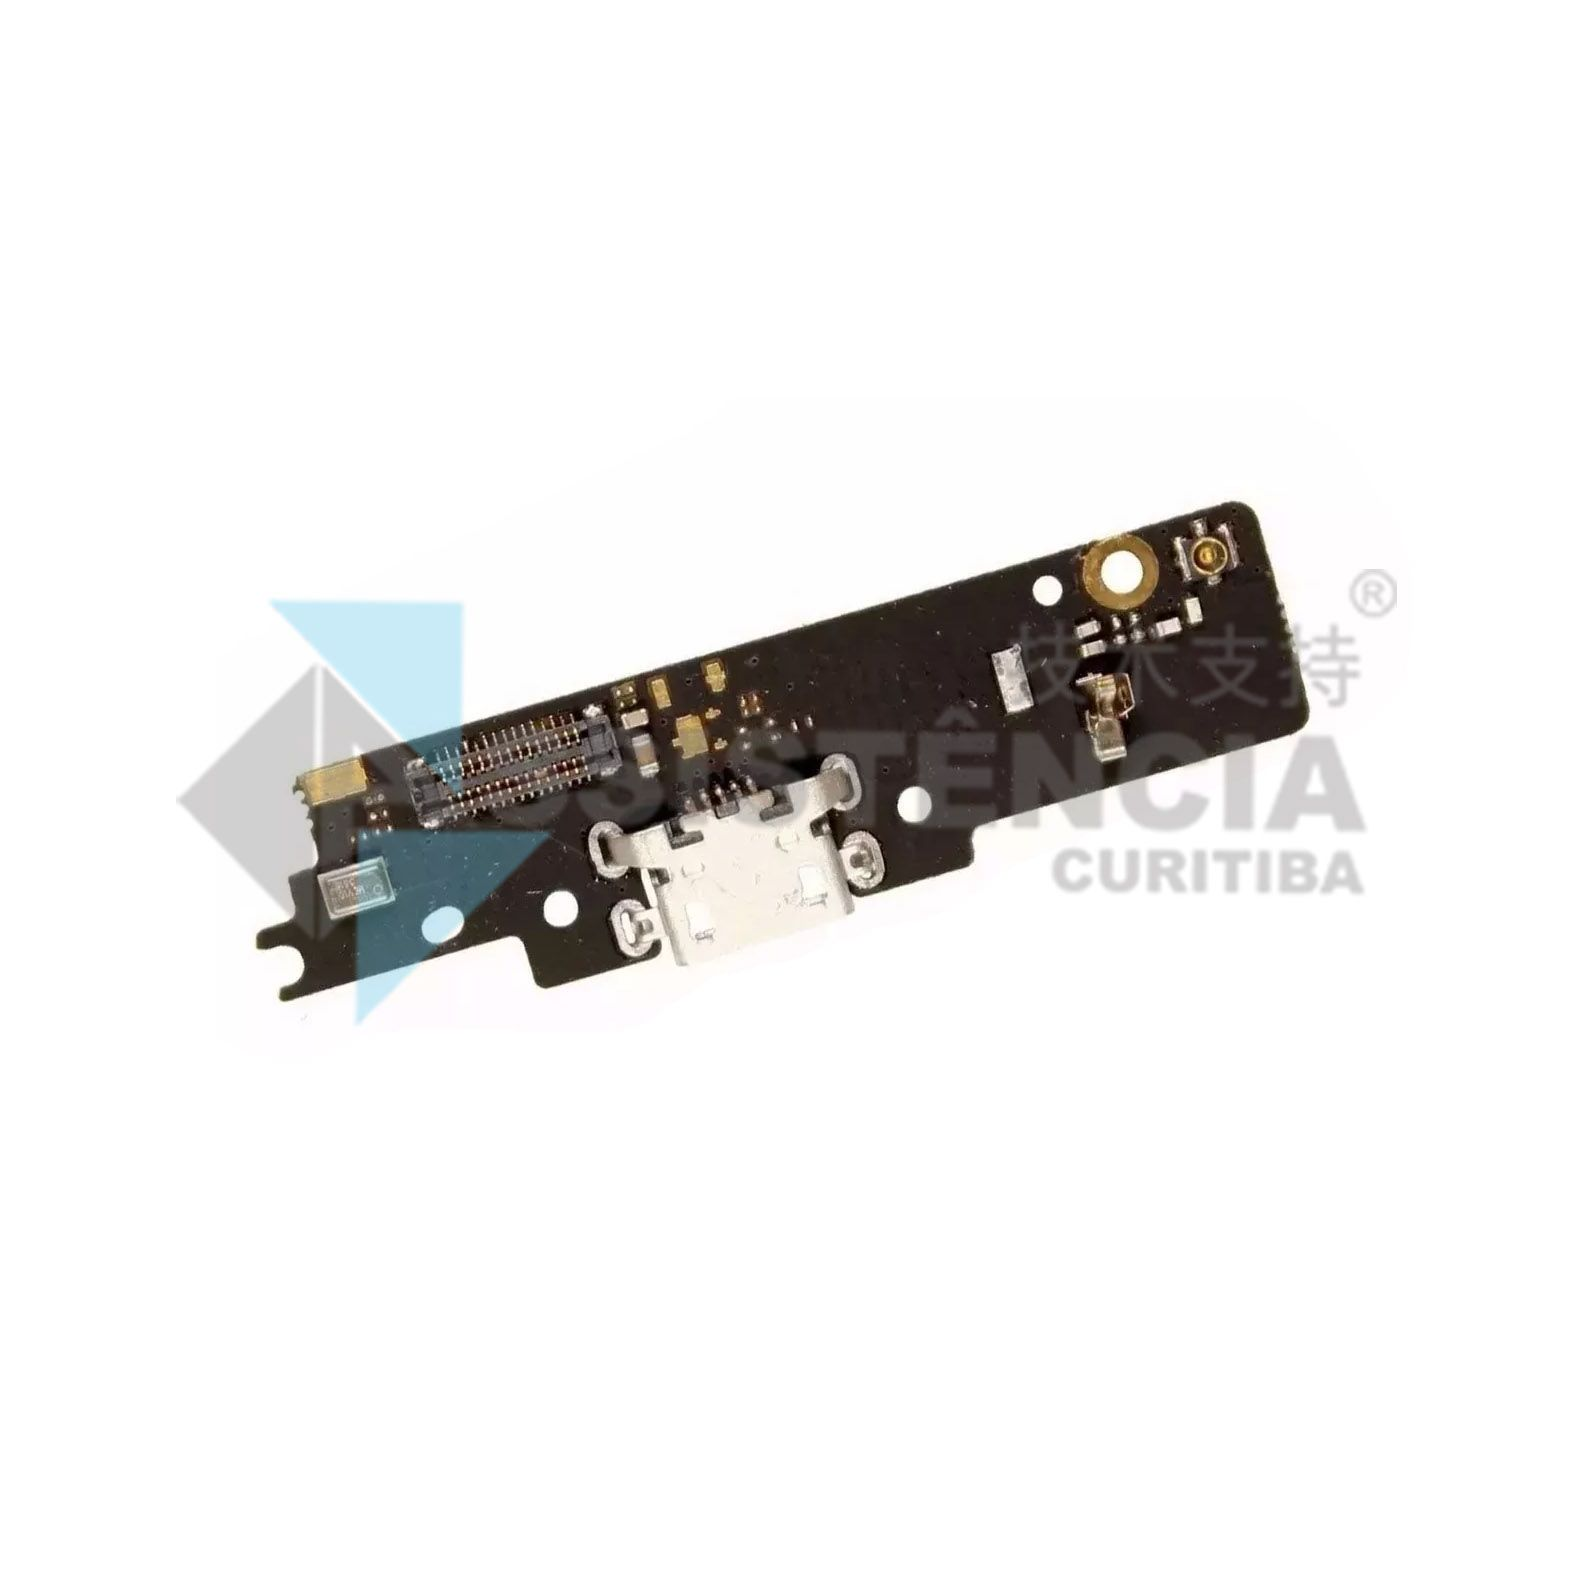 Placa Conector De Carga Motorola Moto G4 Play Xt1600 Xt1601 Xt1603 Original